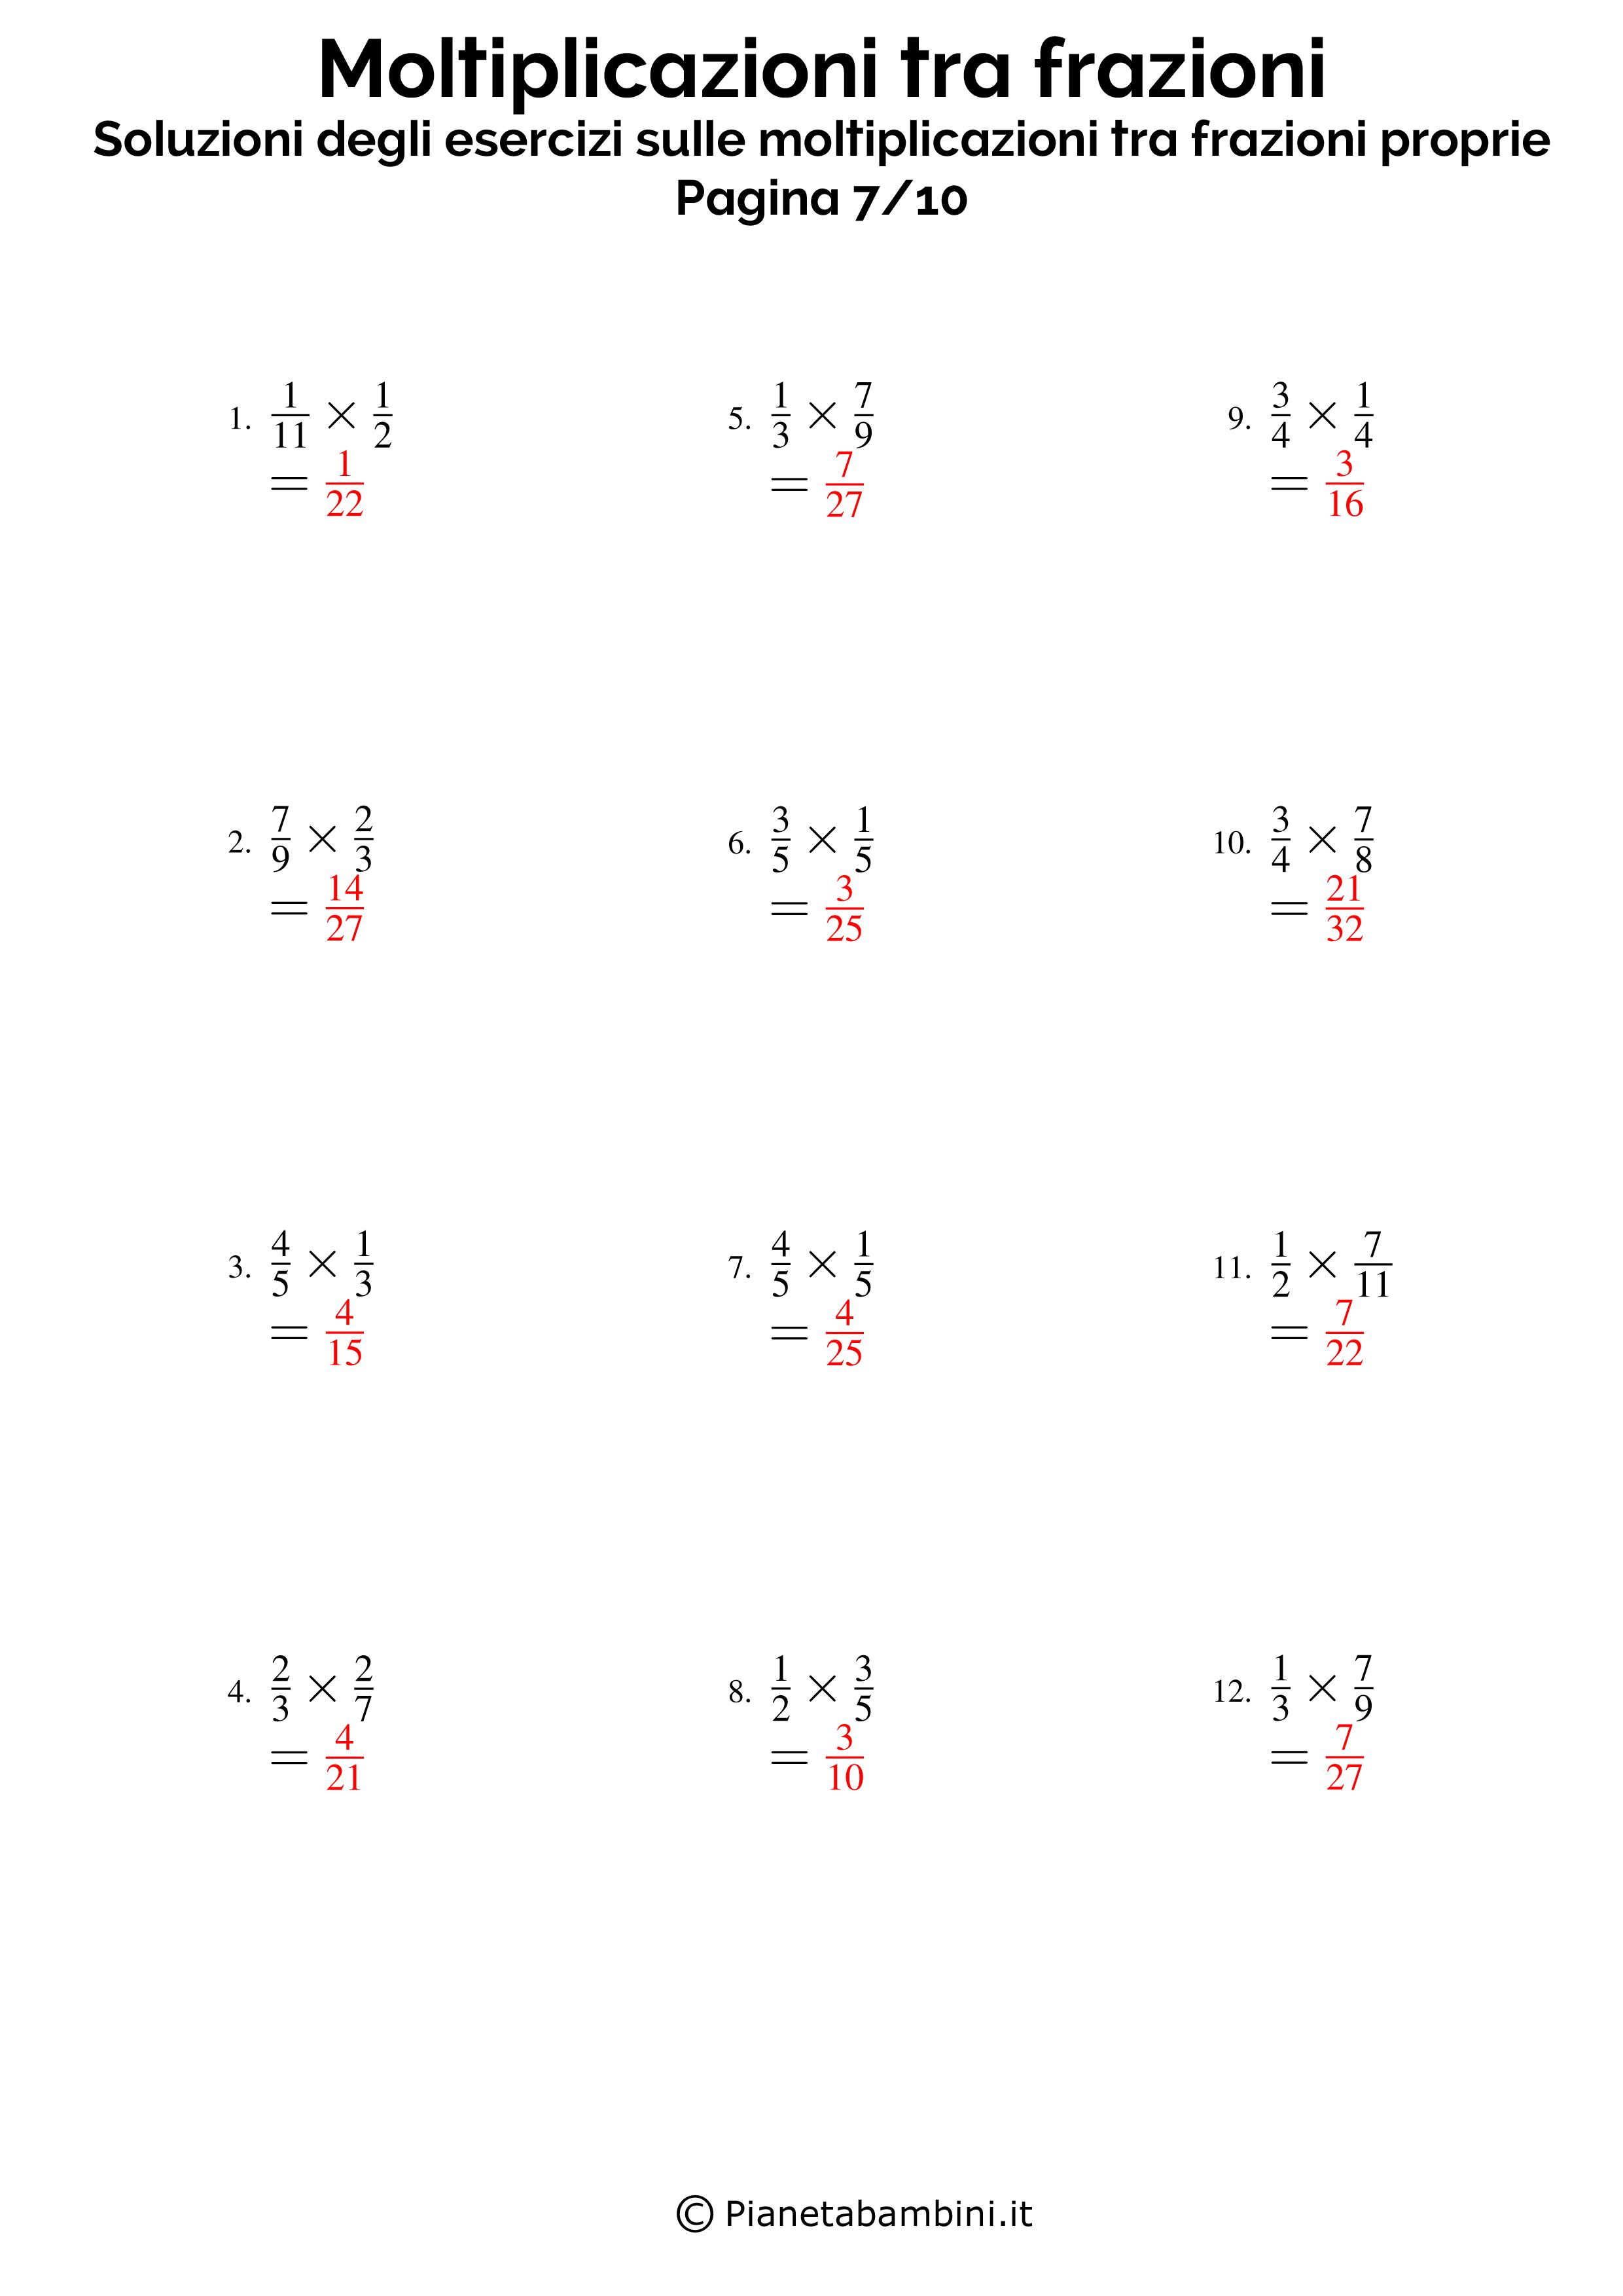 Soluzioni-Moltiplicazioni-Frazioni-Proprie_07